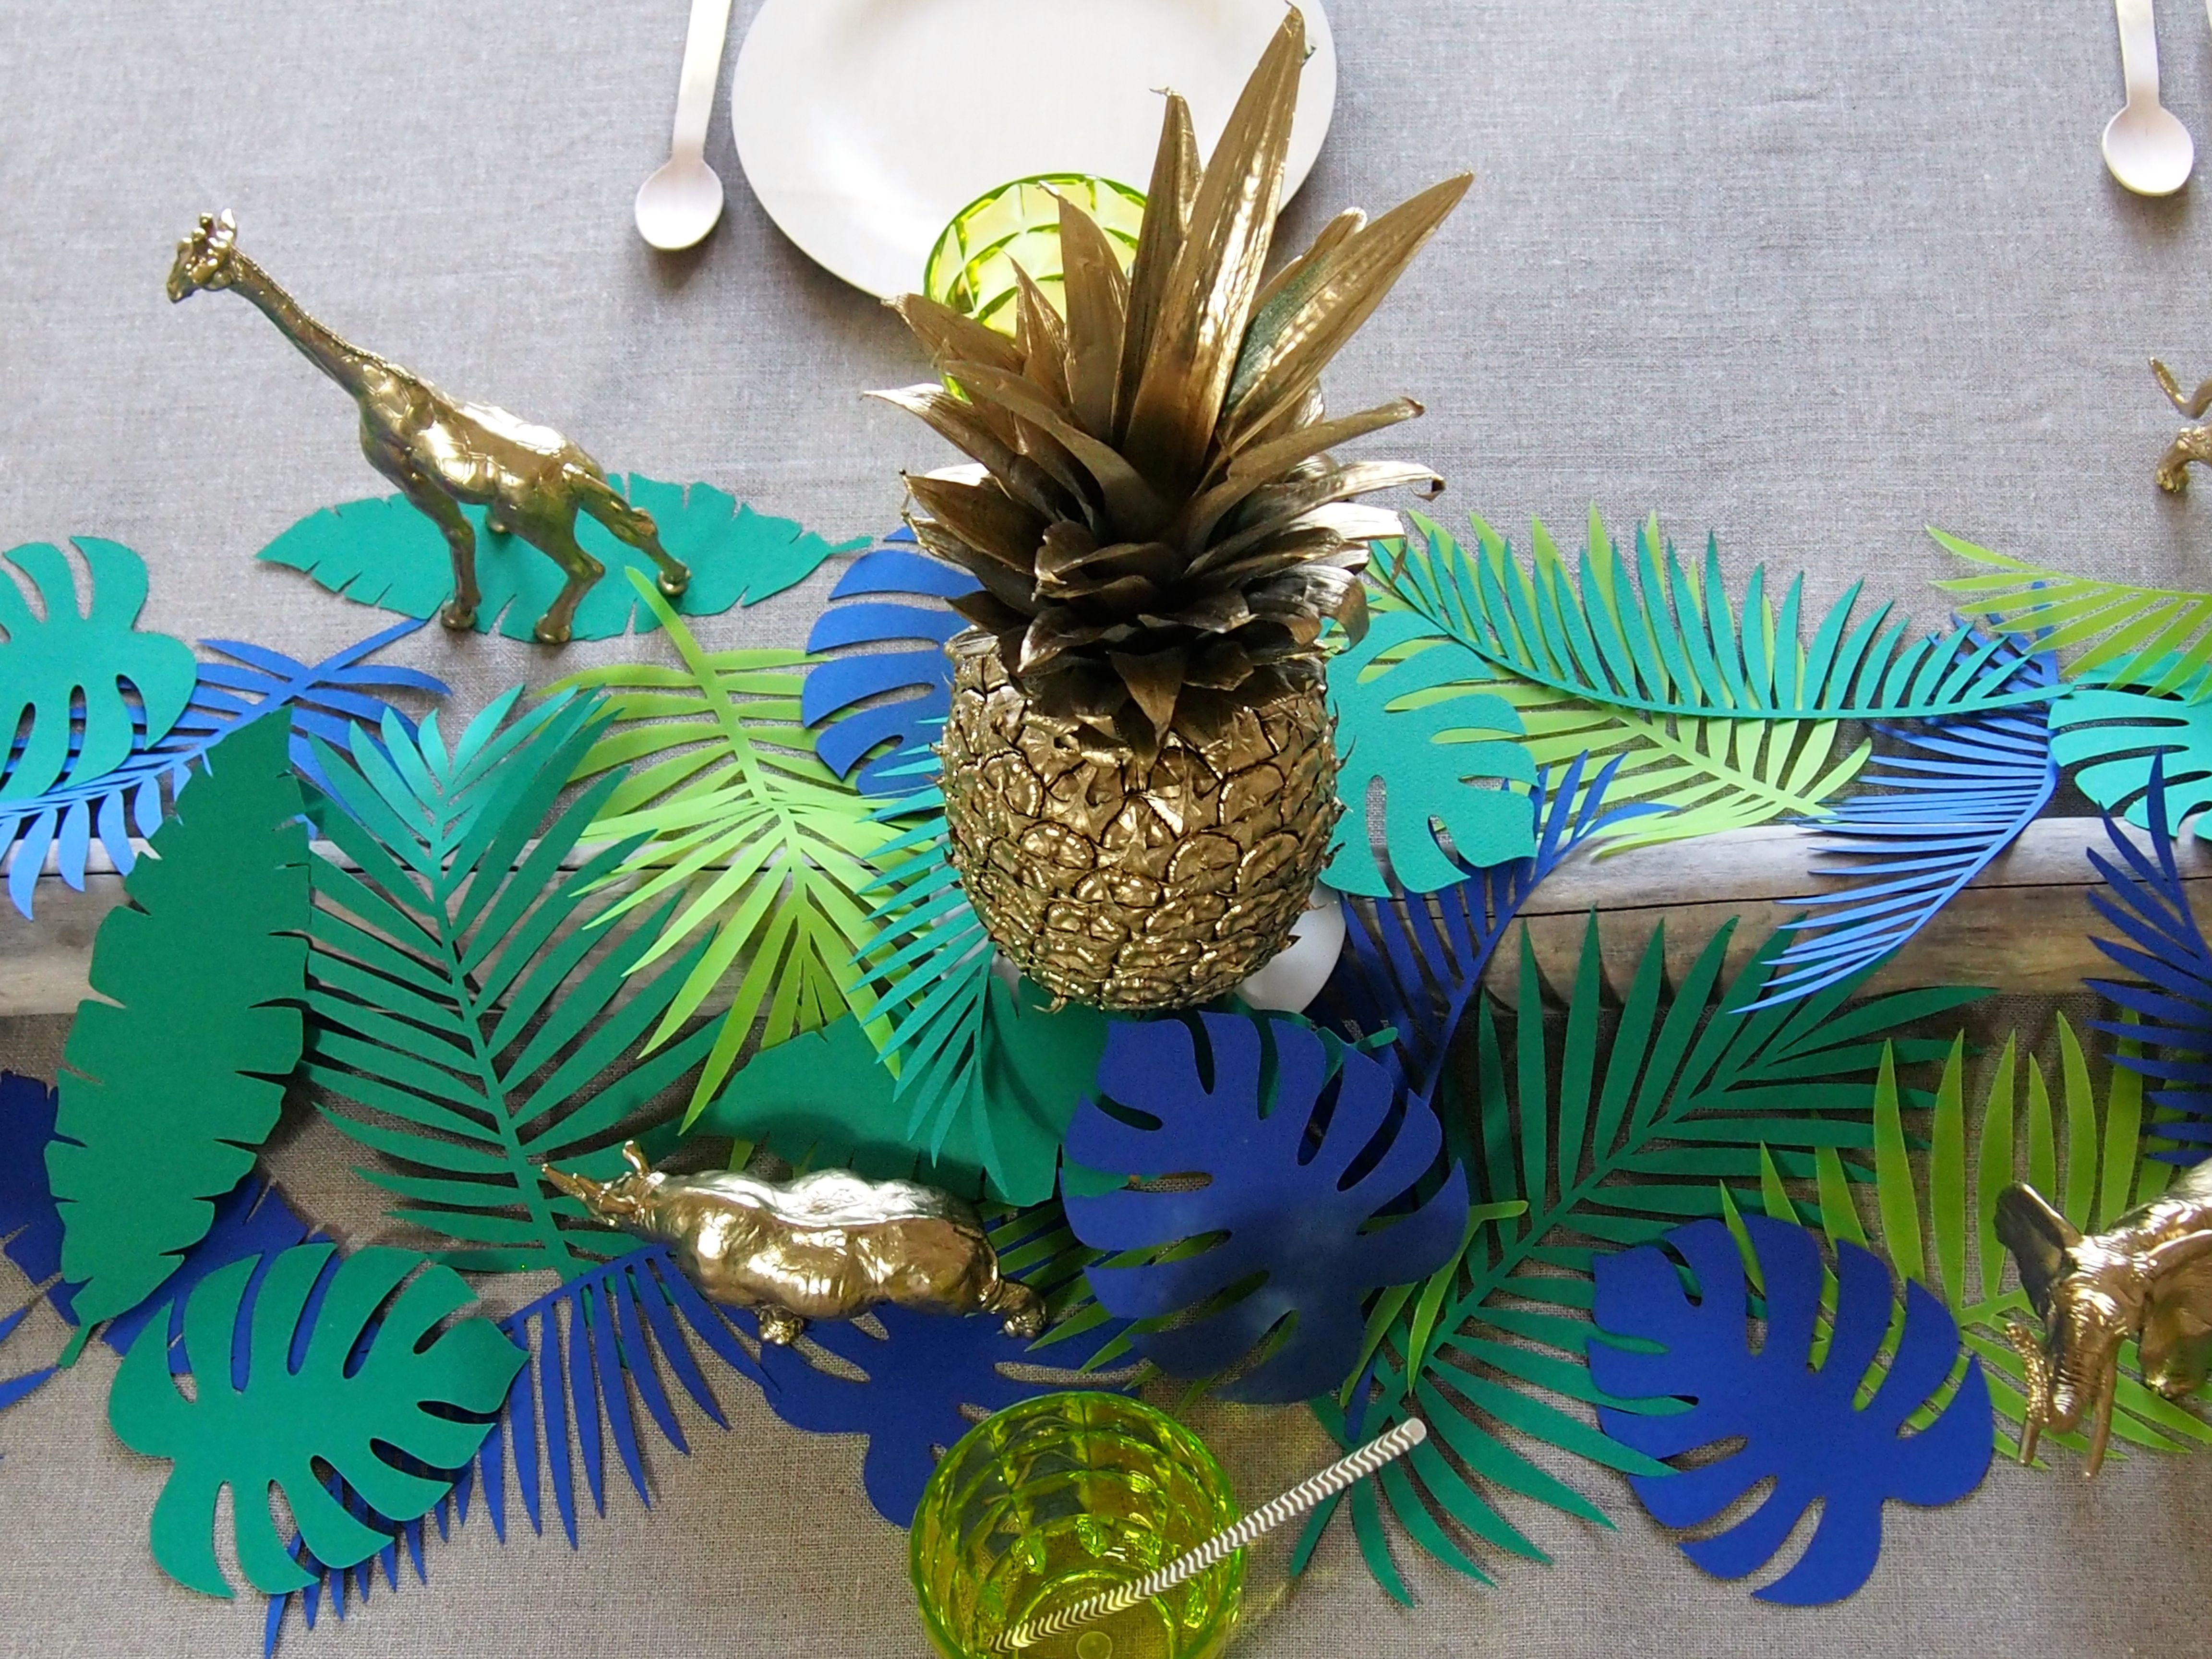 mise en sc ne d 39 une table sur un th me tropical jungle paperleaves bambu tropical ananas. Black Bedroom Furniture Sets. Home Design Ideas